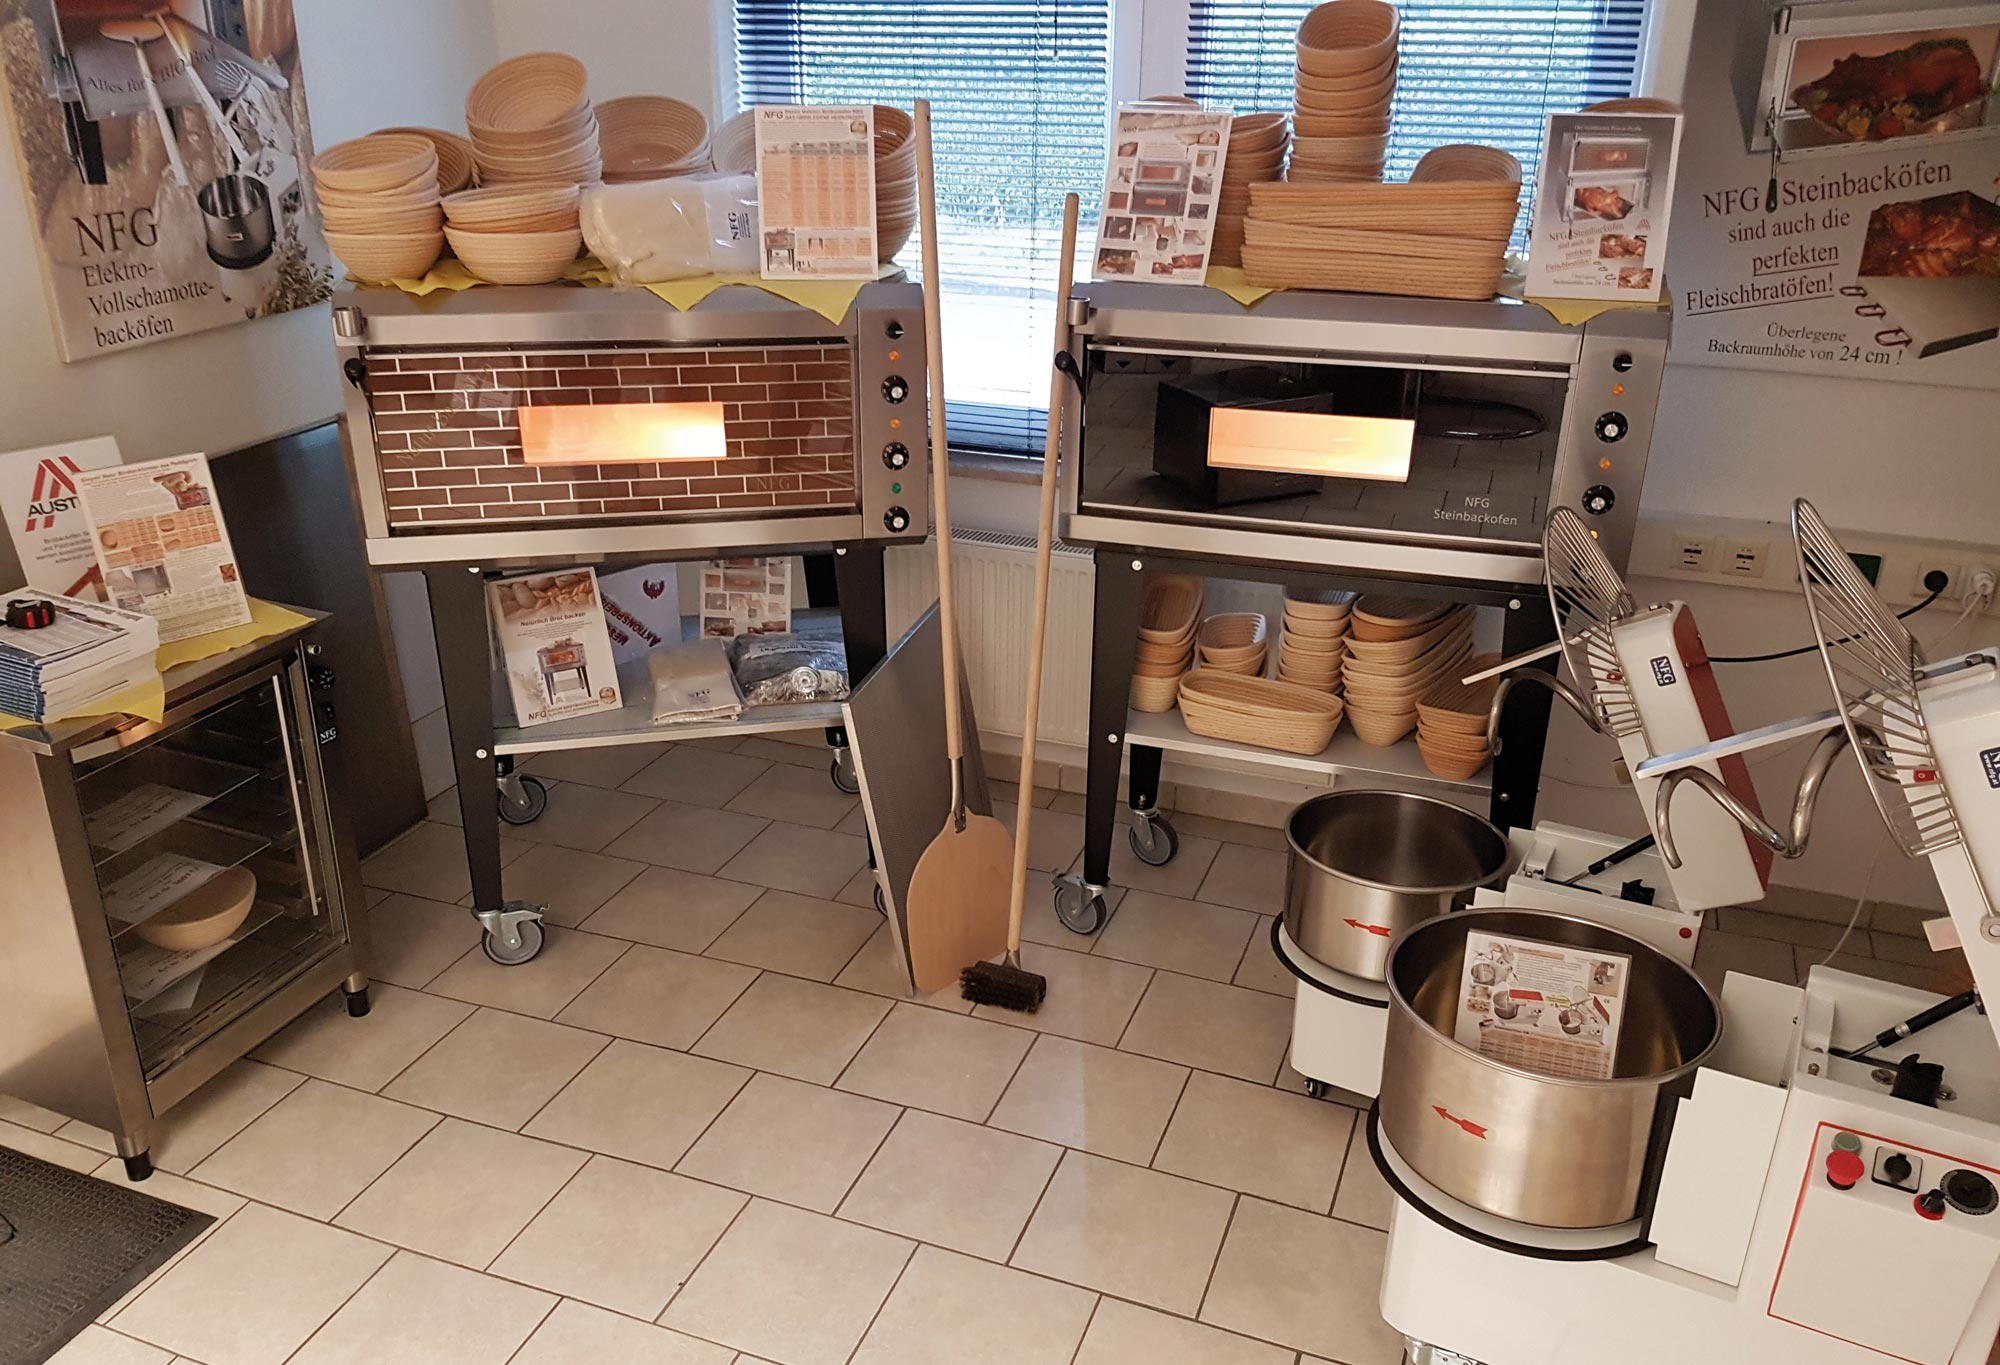 Ausstellungsraum von NFG Gesamtübersicht Brotbackofen elektro Steinbackofen Vollschamotte und Knetmaschine gebraucht Teigknetmaschine